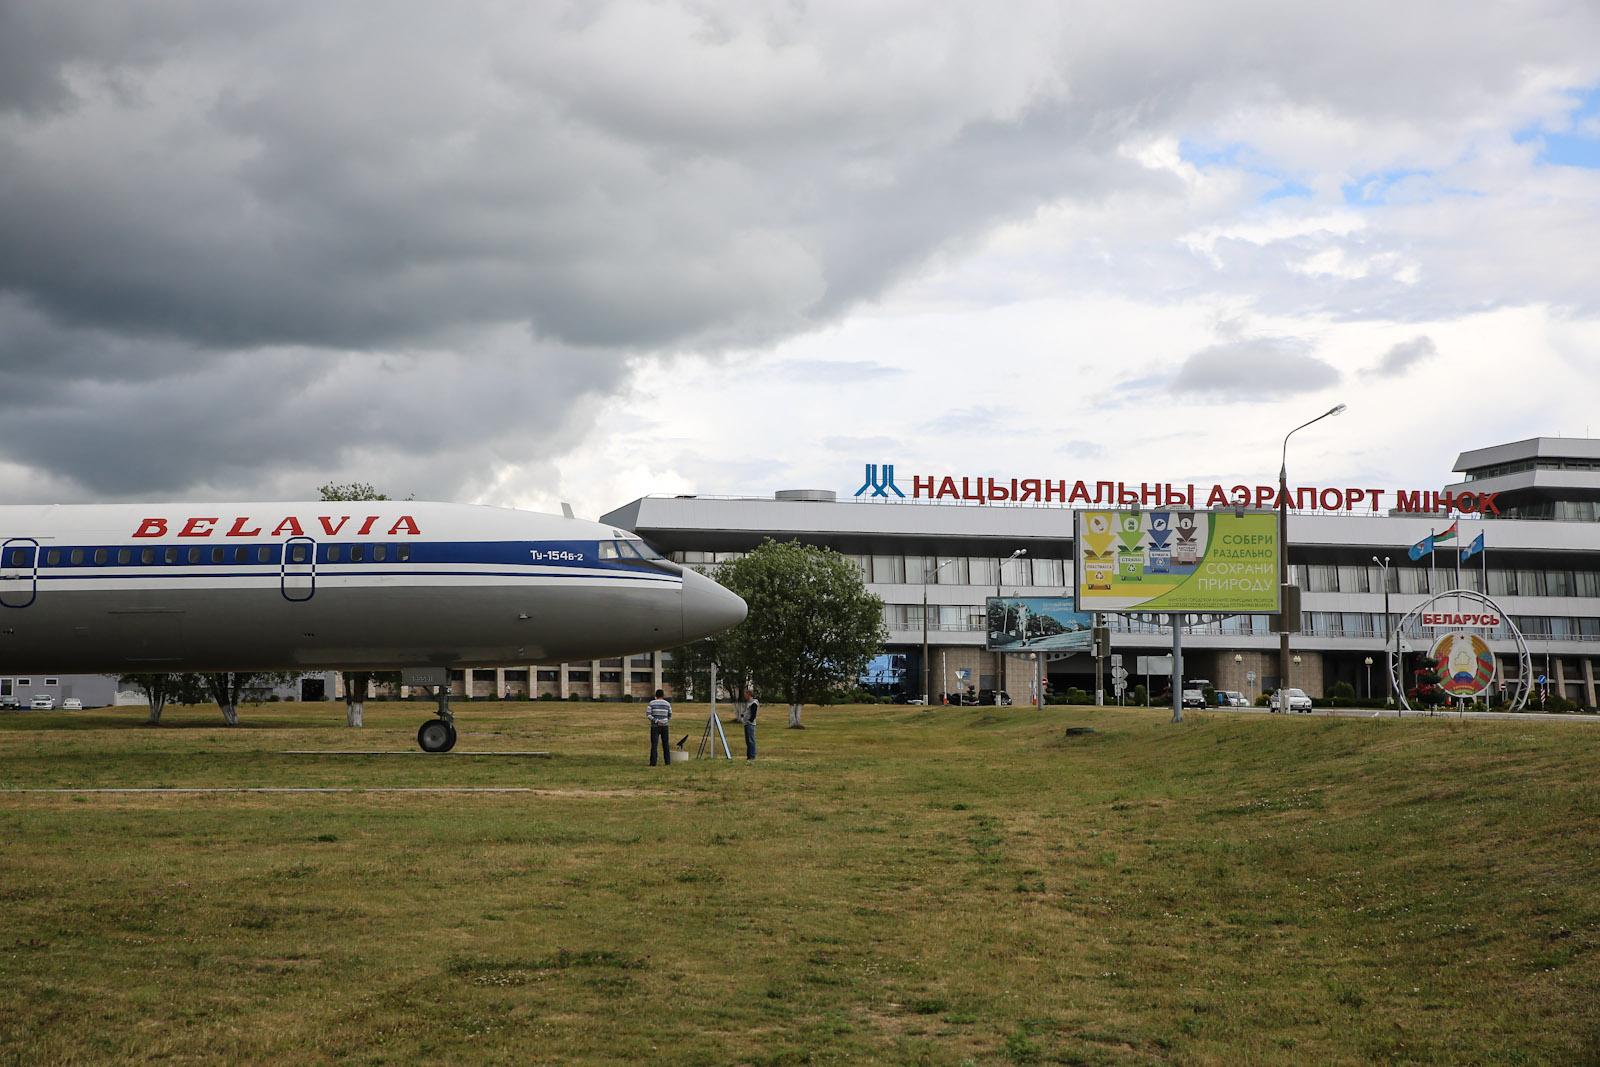 Самолет-памятник Ту-154 в аэропорту Минска